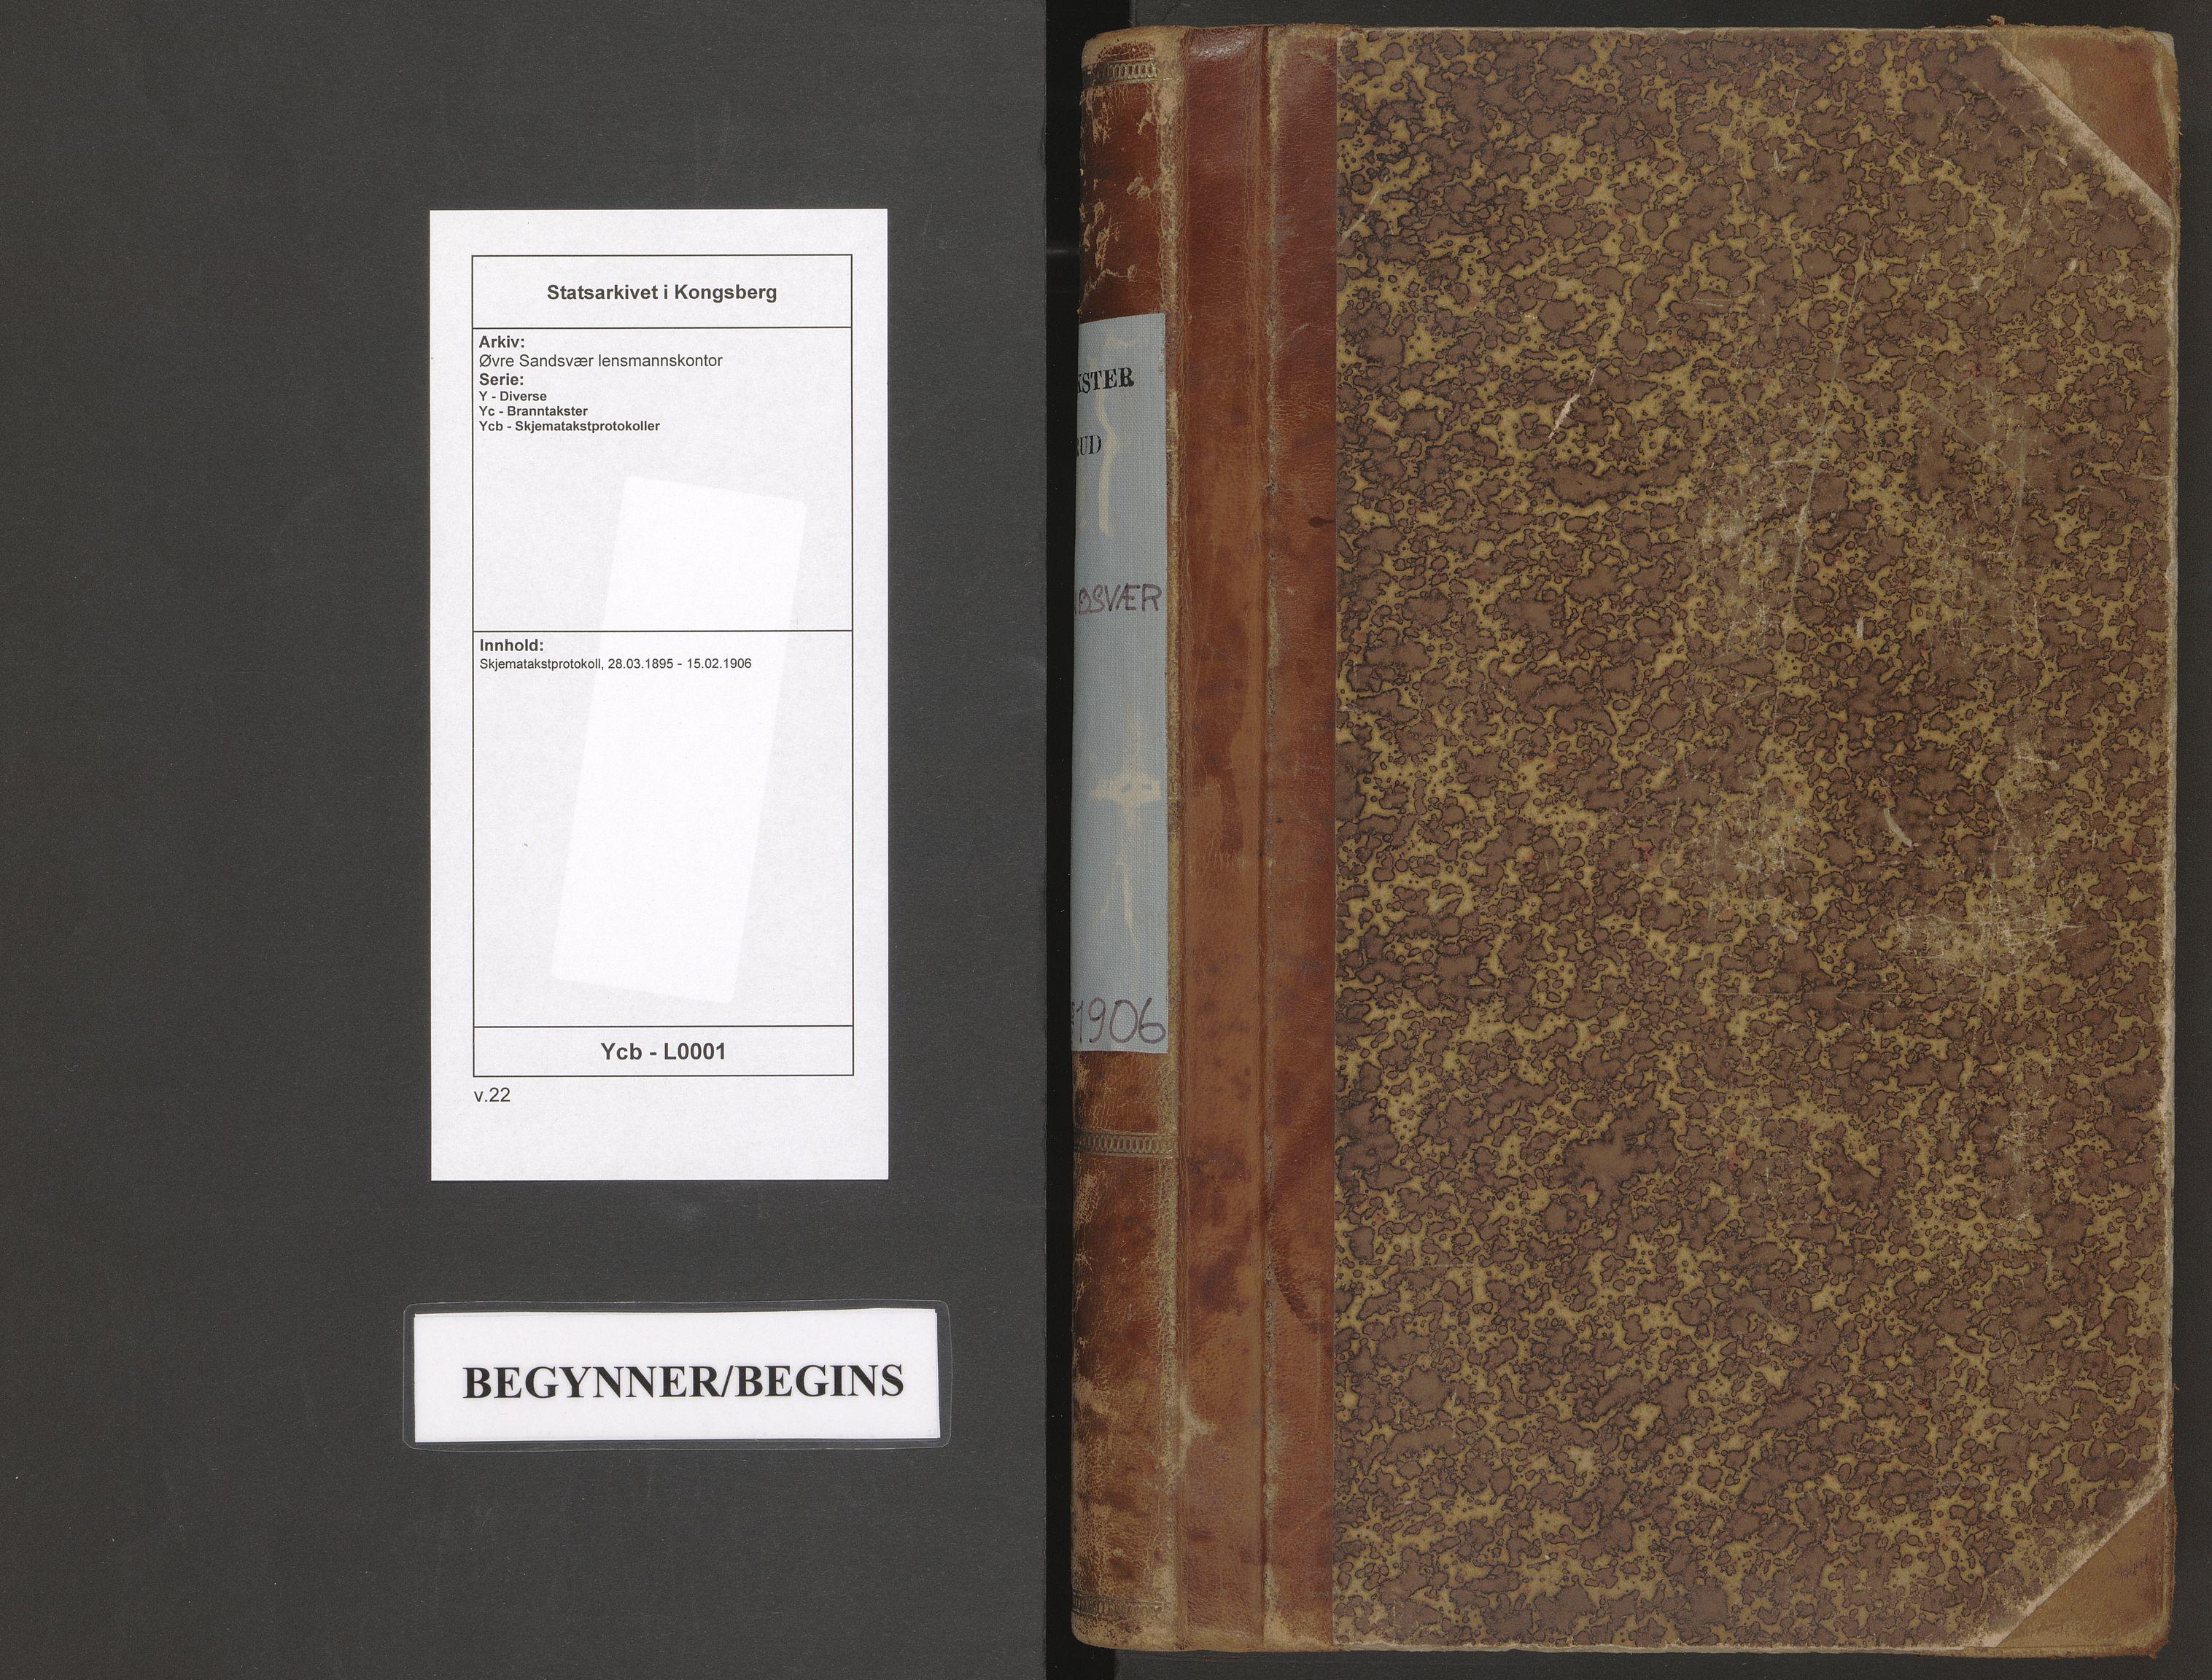 SAKO, Øvre Sandsvær lensmannskontor, Y/Yc/Ycb/L0001: Skjematakstprotokoll, 1895-1906